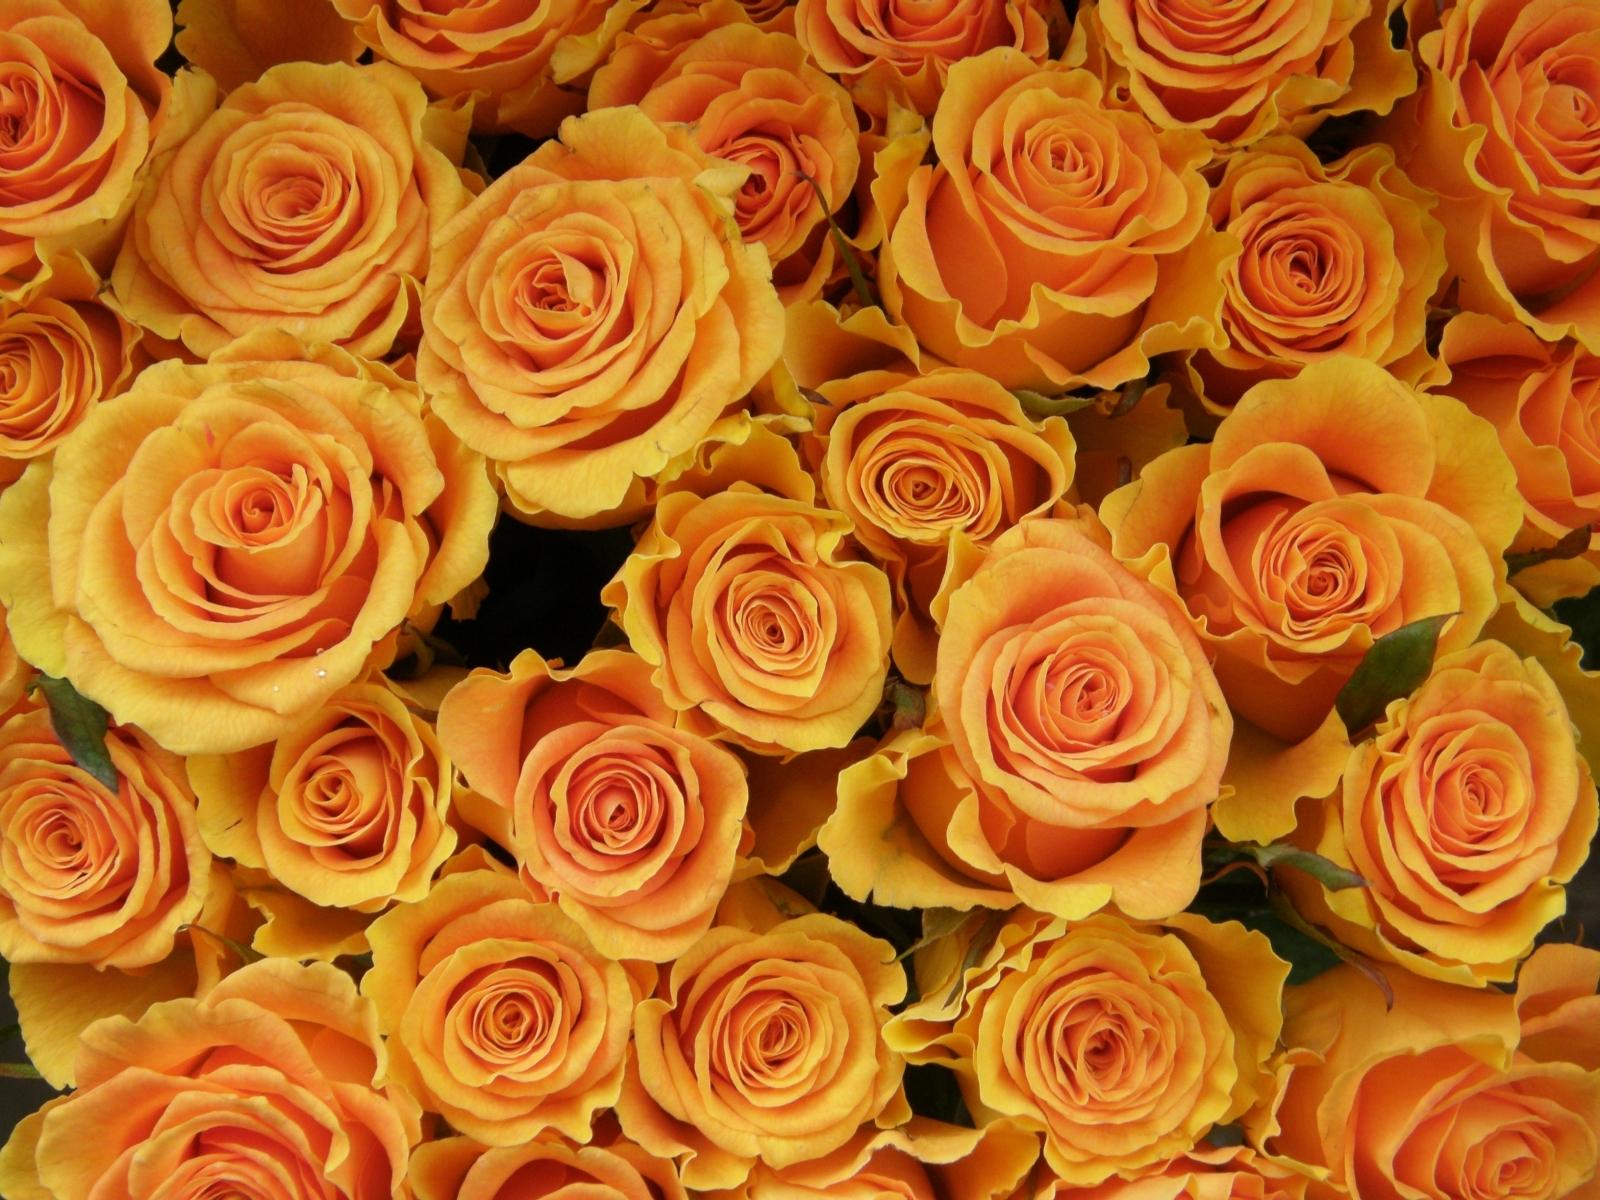 Скачать картинку Растения, Цветы, Фон, Розы в телефон бесплатно.